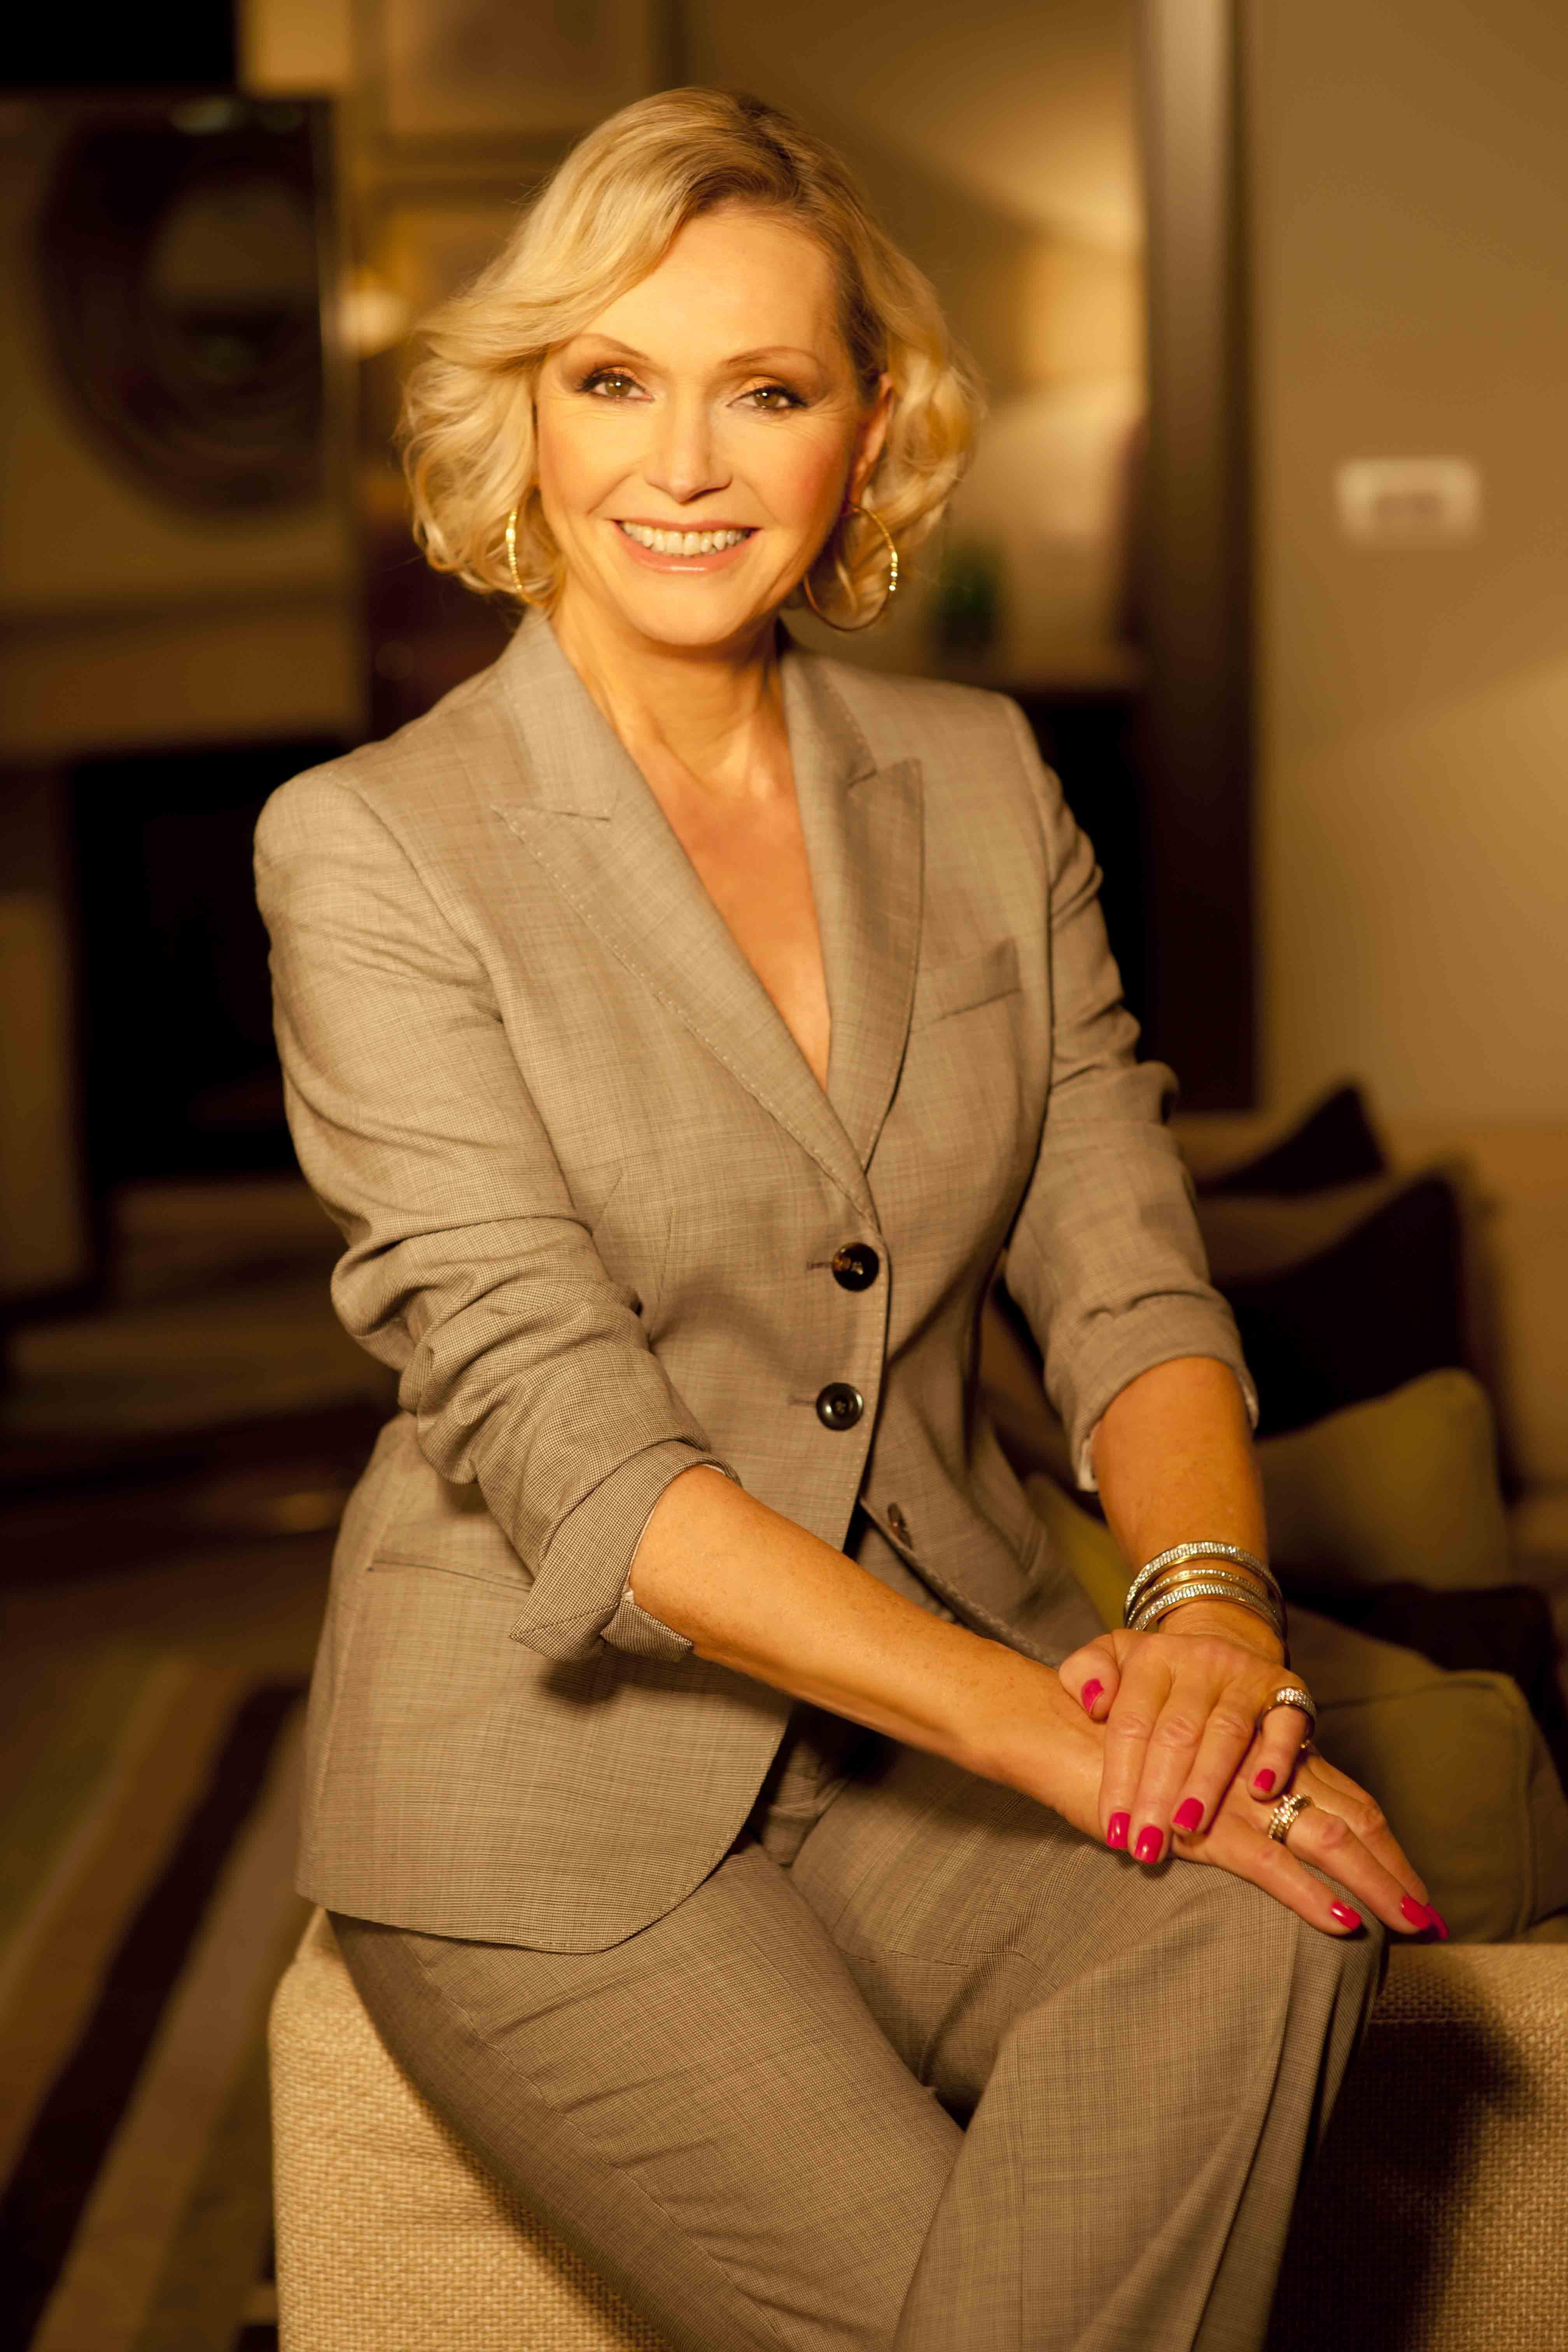 Carole Davis,Mia Sara Hot nude Francesca Inaudi,Rhea Durham USA 2 2000-2001